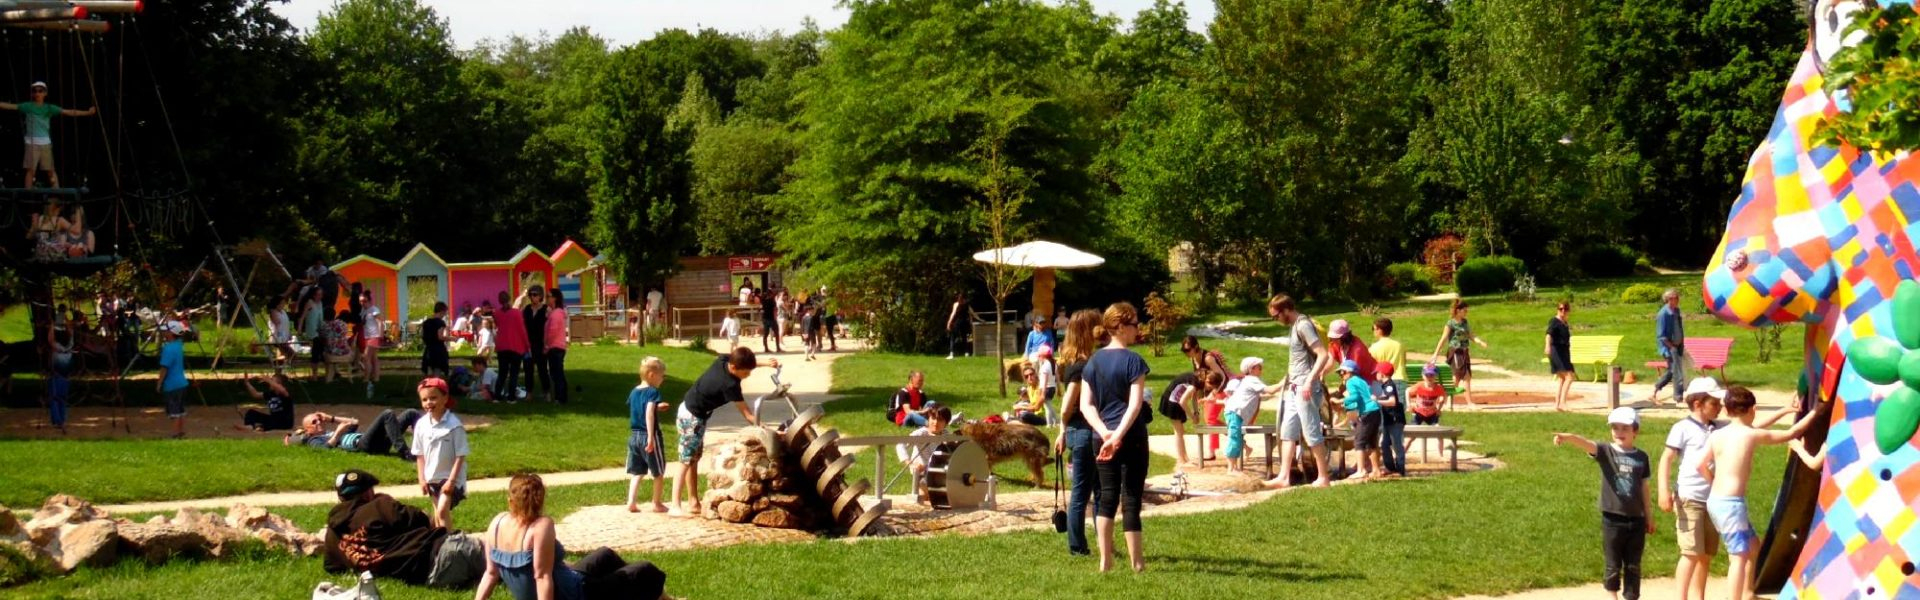 Les Aires De Jeux | Jardins De Brocéliande dedans Jeux De Jardin Enfant